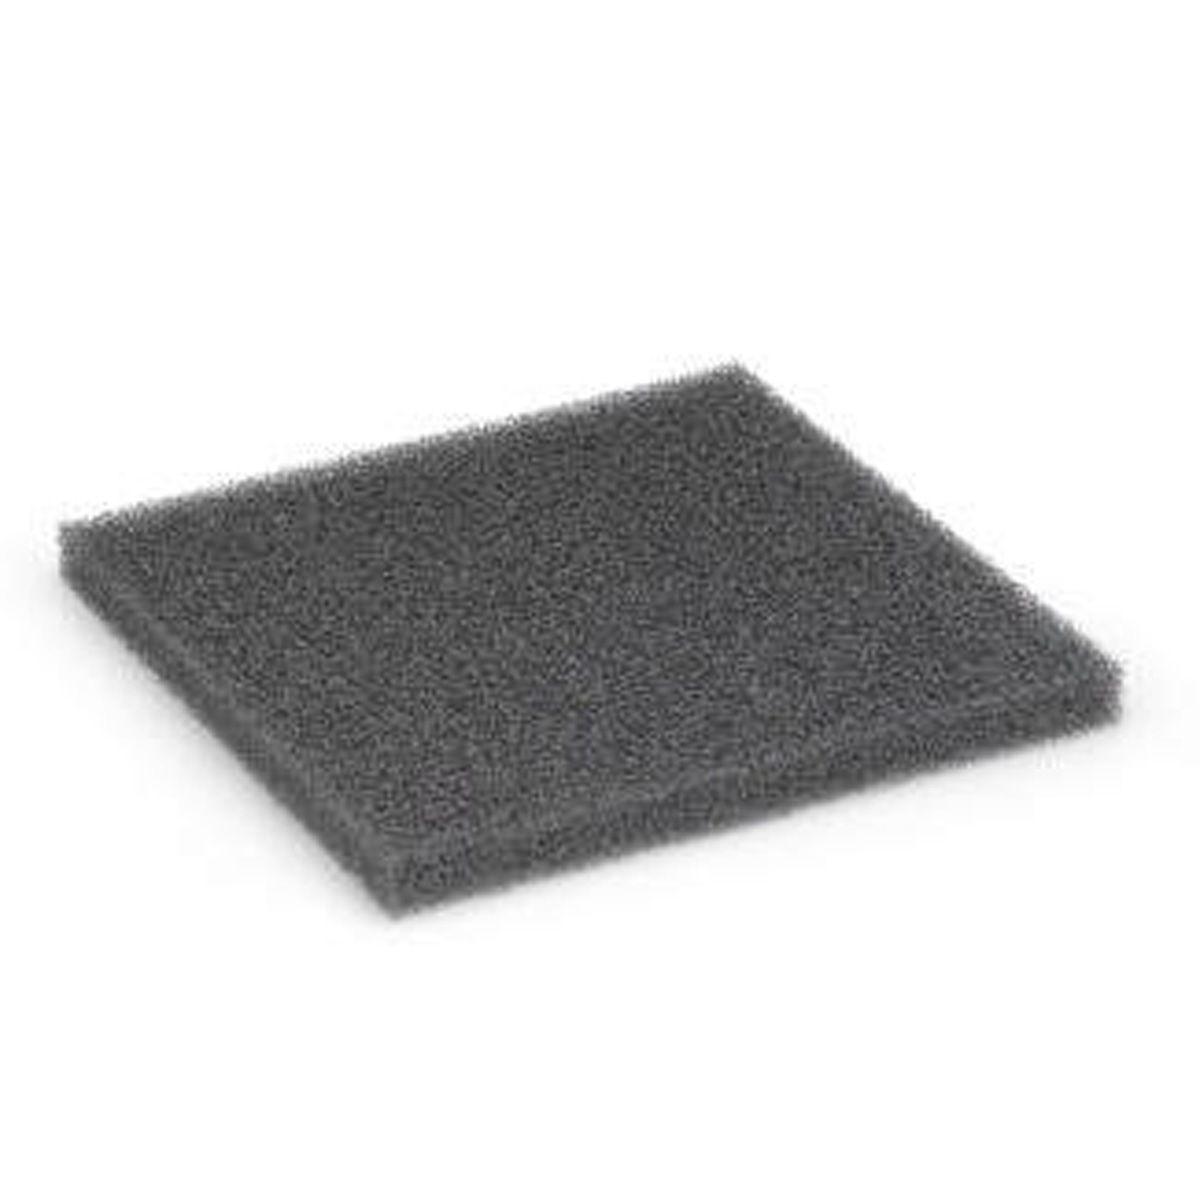 Filtermatte Regenerationsluft, zu TTR 500 D, 5er Pack, 150 x 135 x 20 mm